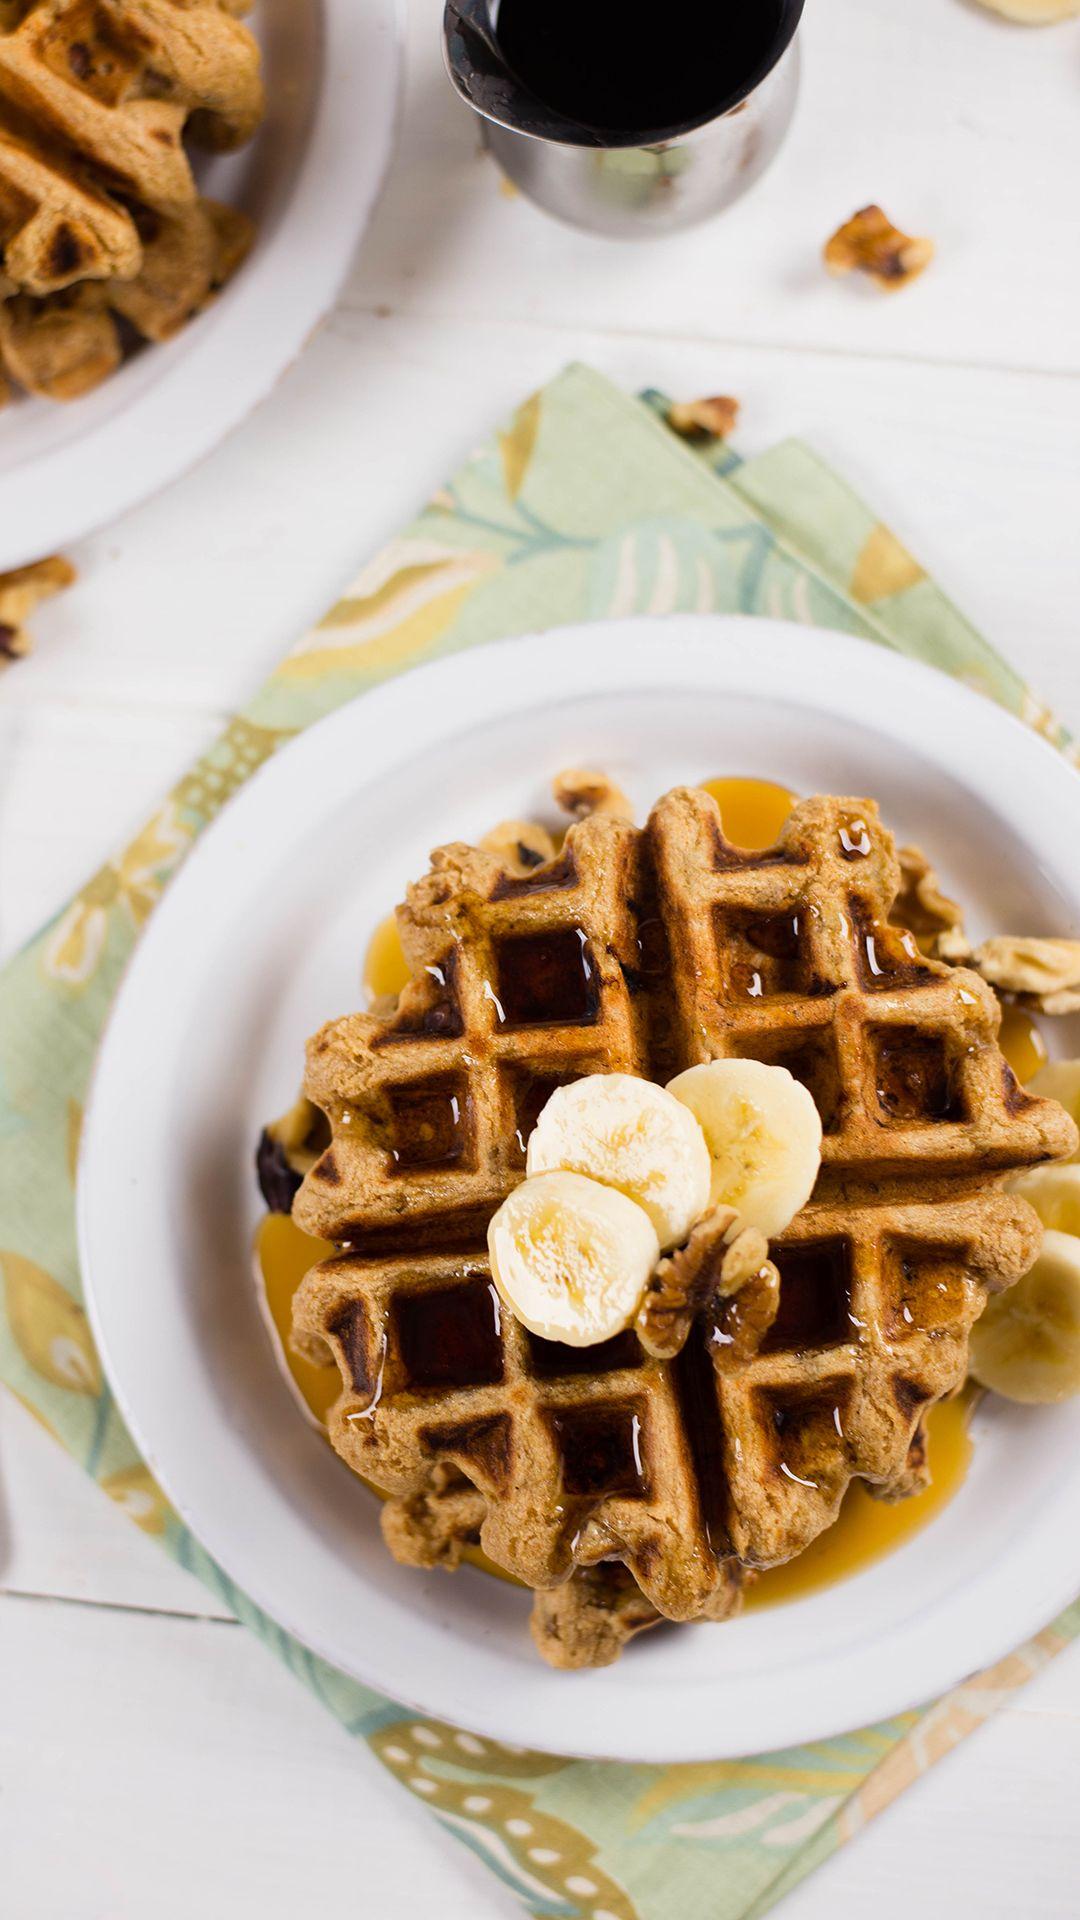 Banana Walnut Waffles Video Recipe Video Healthy Waffles Banana Waffle Recipe Waffle Recipes